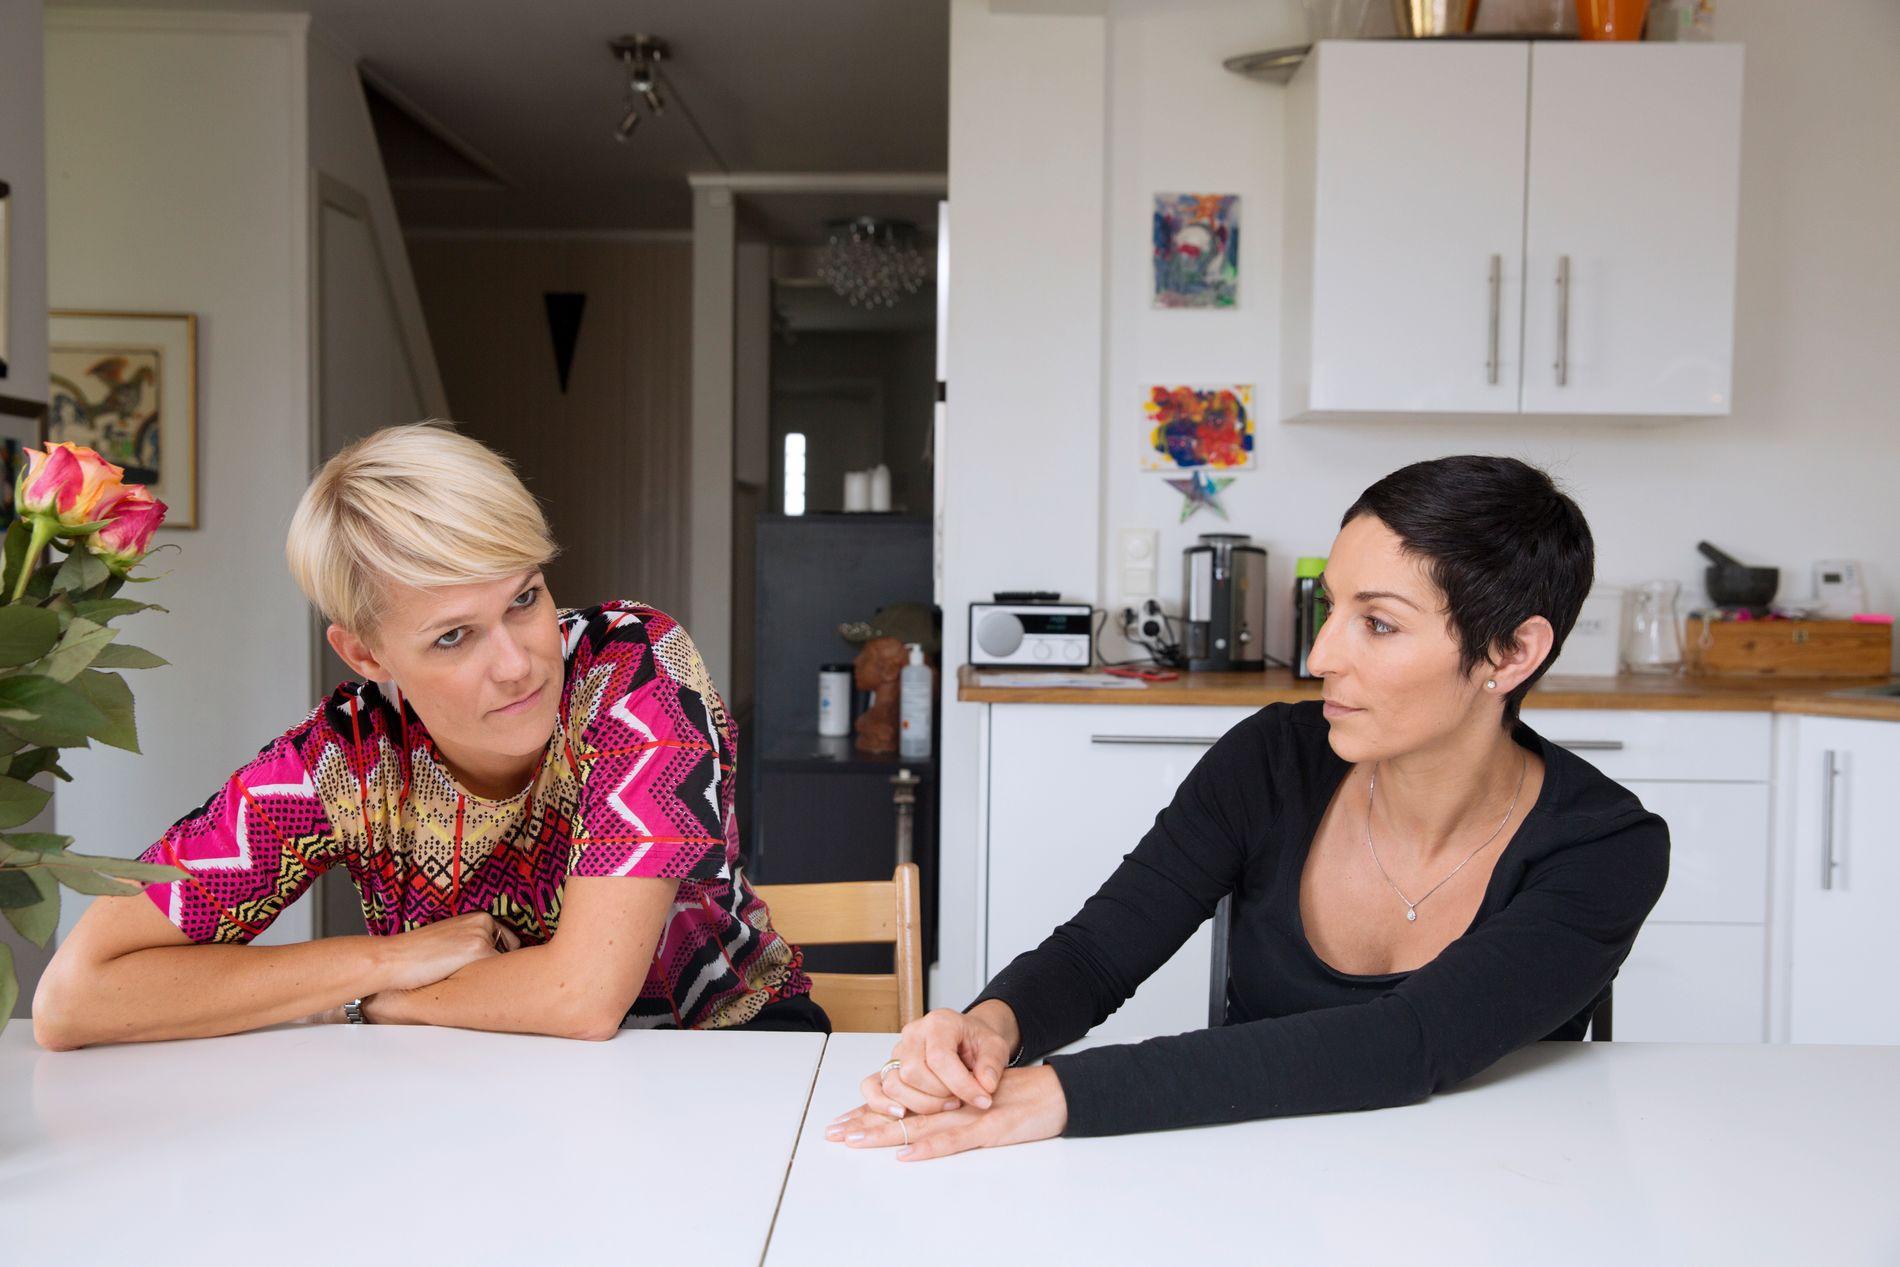 FRITTALENDE: Sigrid Bonde Tusvik og Lisa Tønne har den ukentlige podkasten «Tusvik og Tønne».